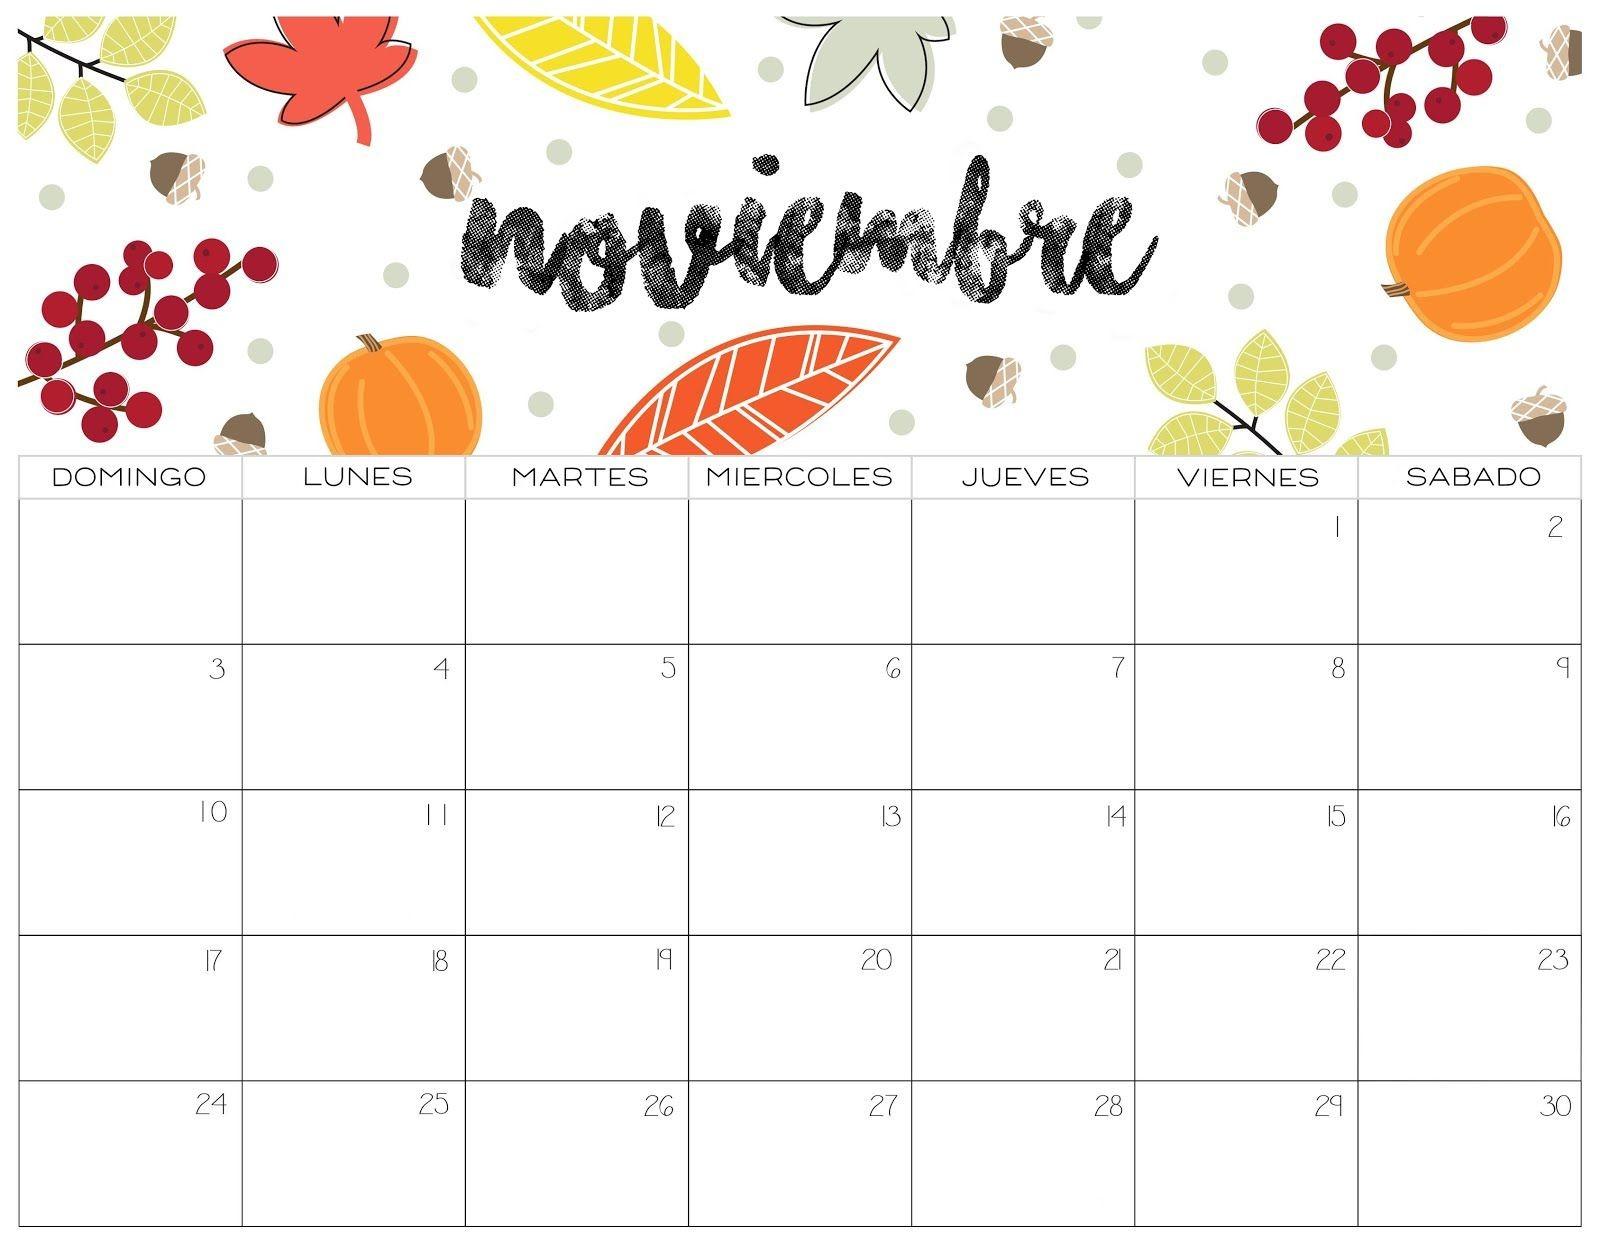 Calendario 2020 Mes De Febrero Más Recientes 255 Mejores Imágenes De Agenda En 2019 Of Calendario 2020 Mes De Febrero Más Arriba-a-fecha Descargar Cuadrante Mensual De Horas Trabajadas 2019